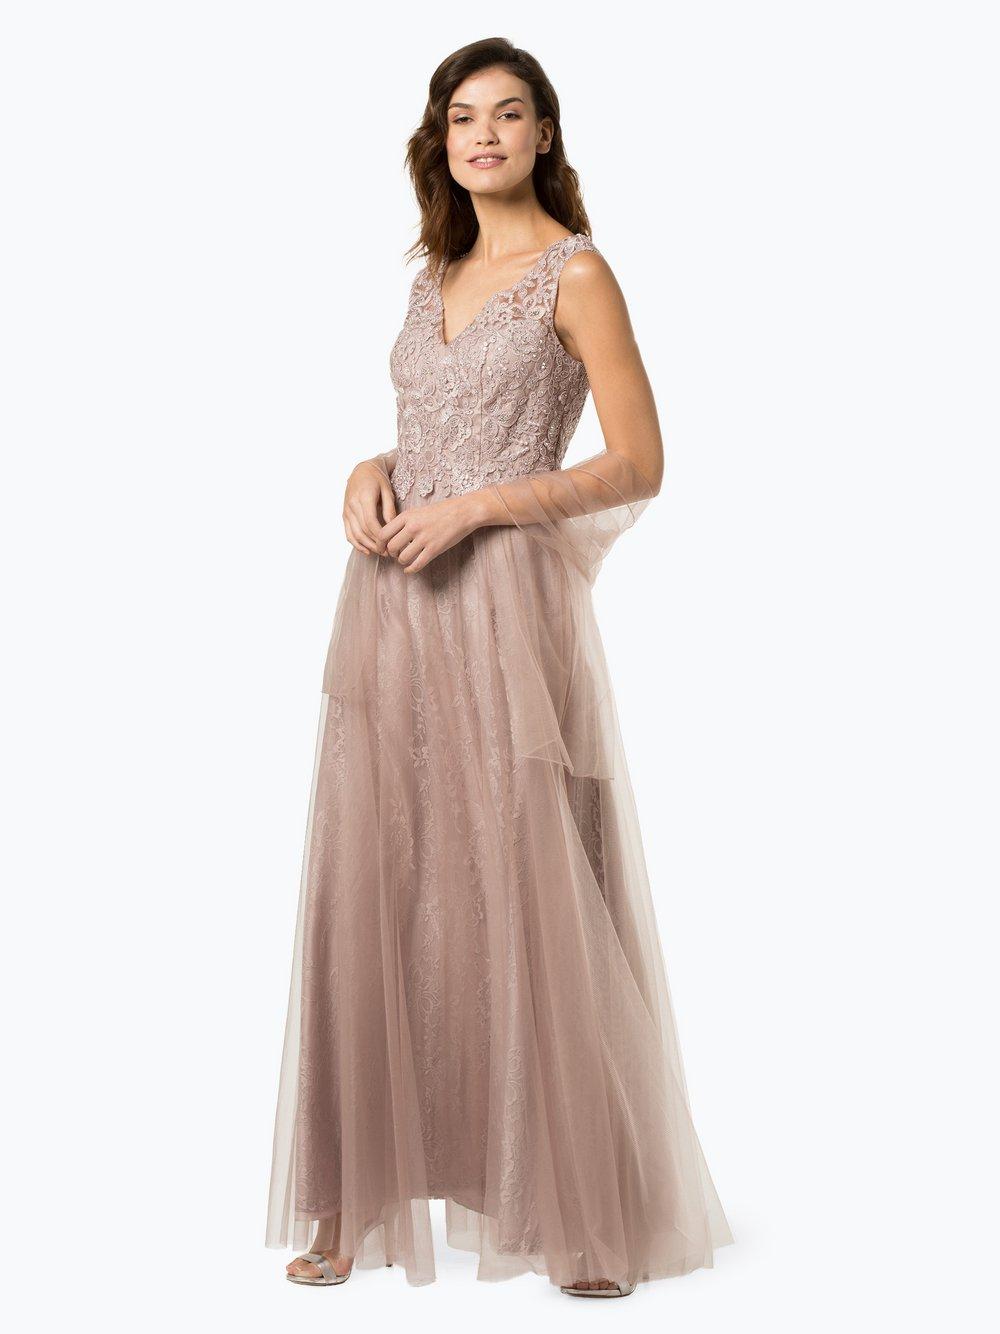 Luxuar Fashion – Damska sukienka wieczorowa z etolą, beżowy Van Graaf 433229-0001-00340